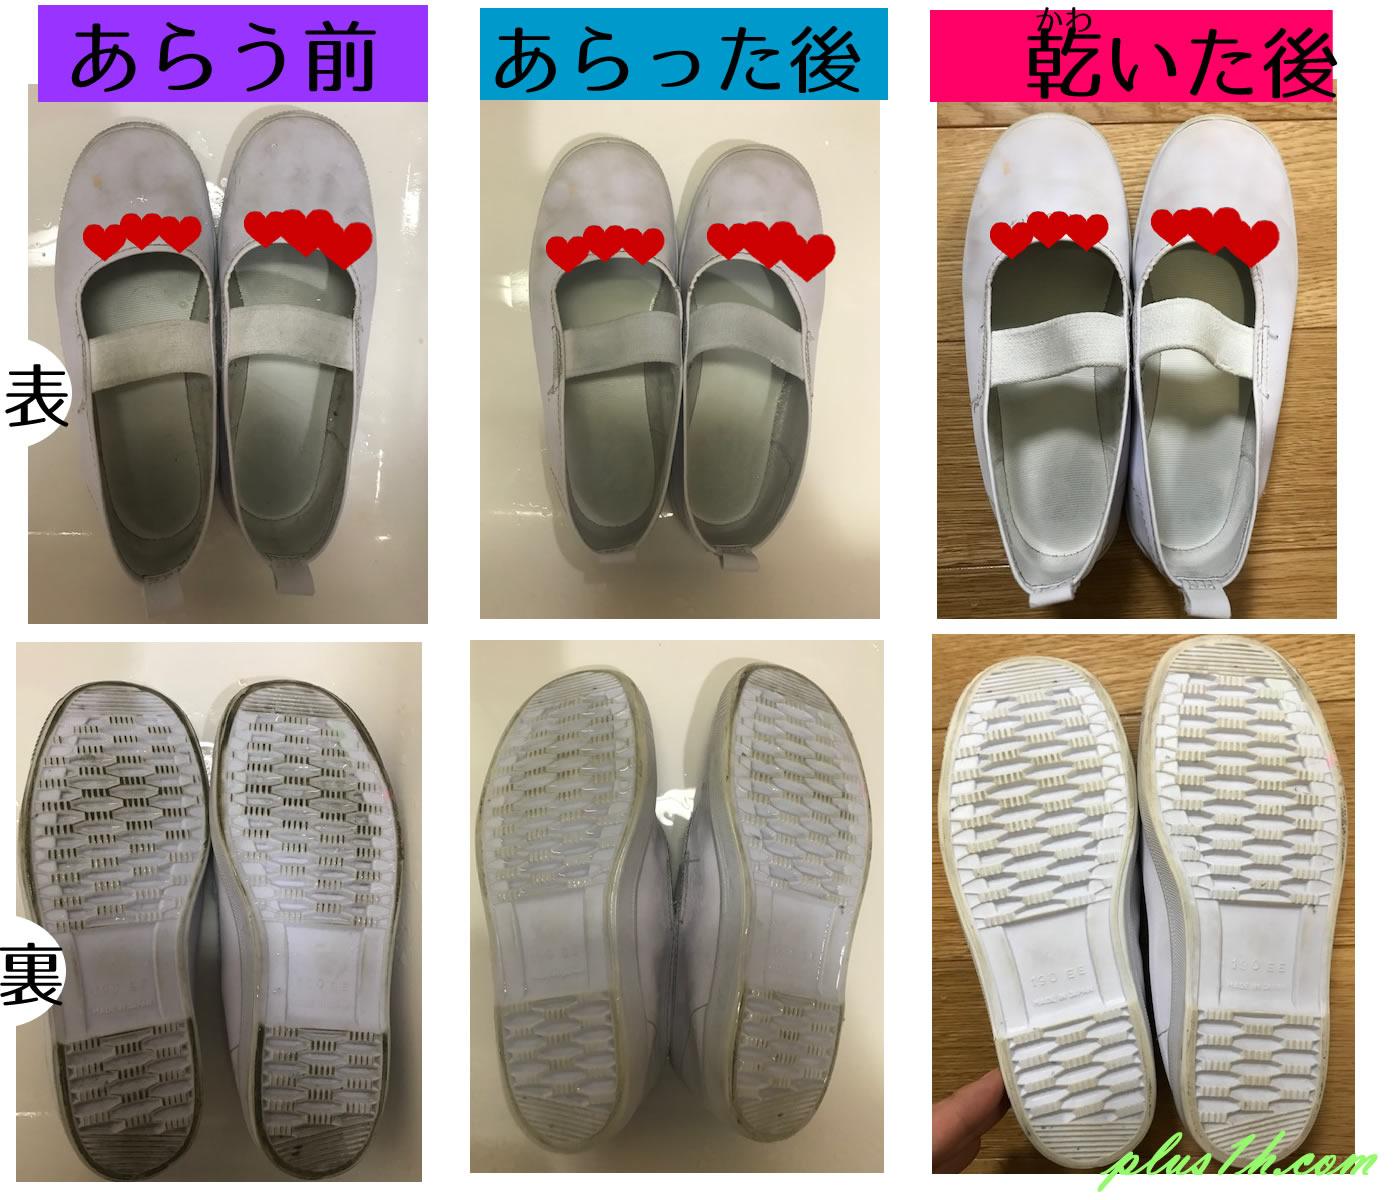 上靴,洗い方